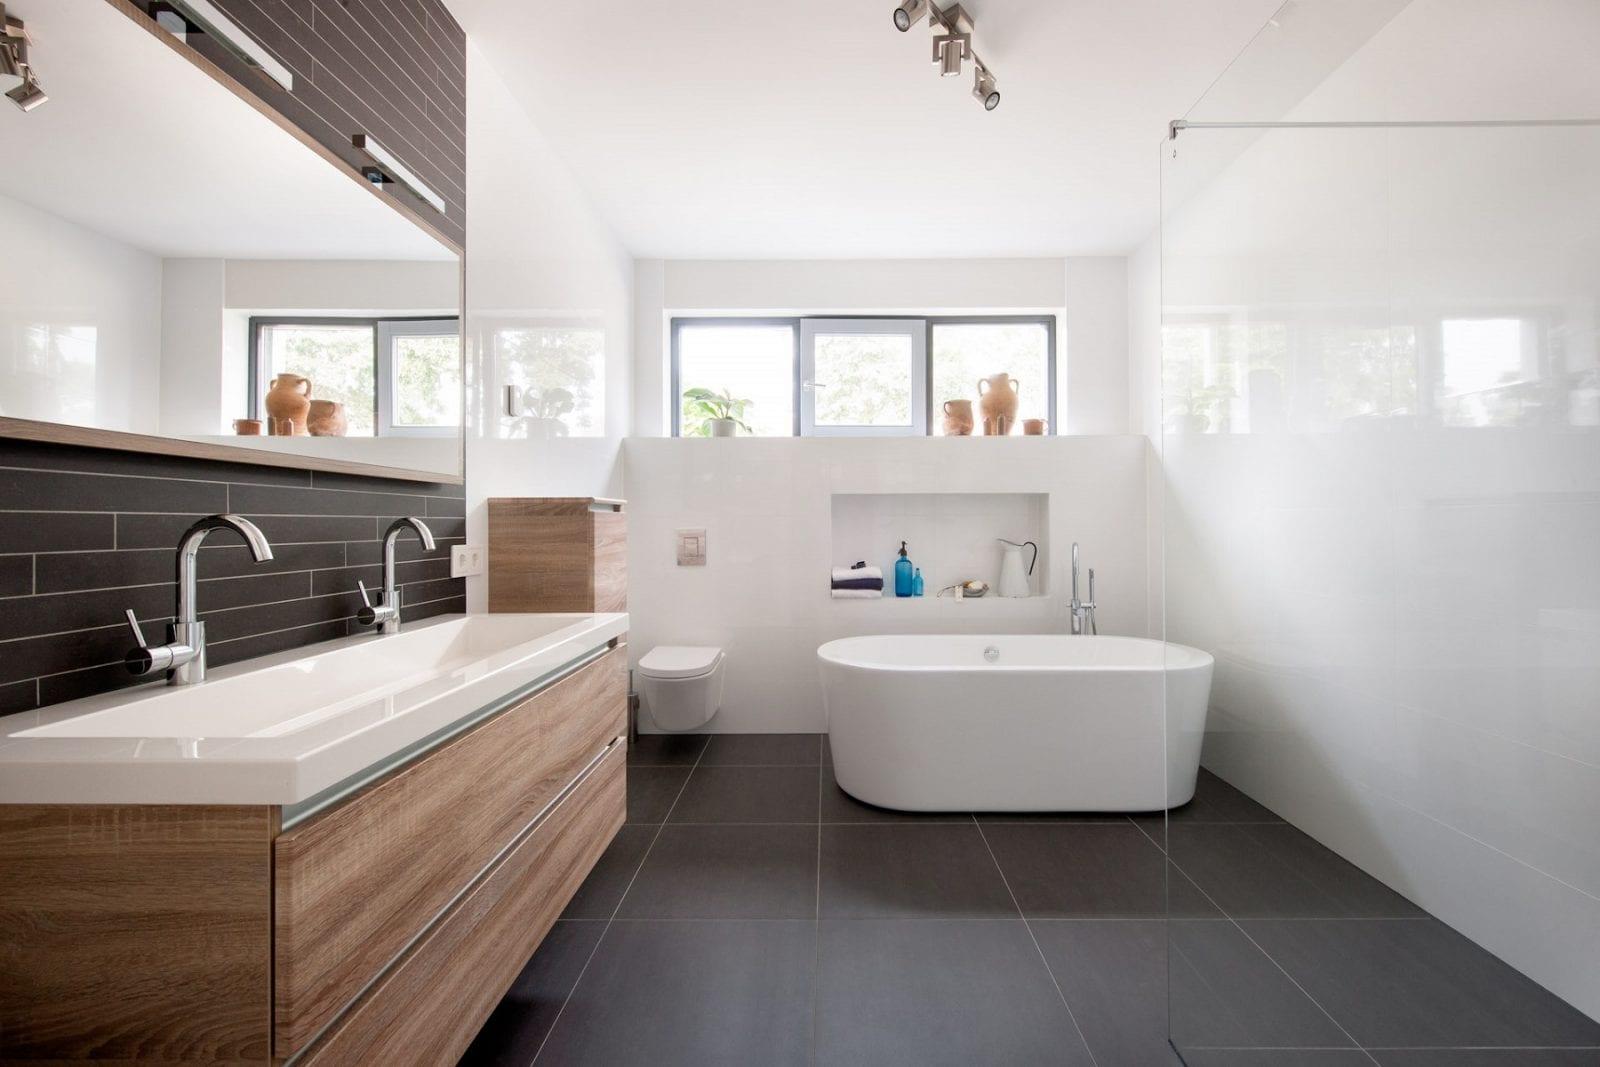 pvblik idee aankleding badkamer